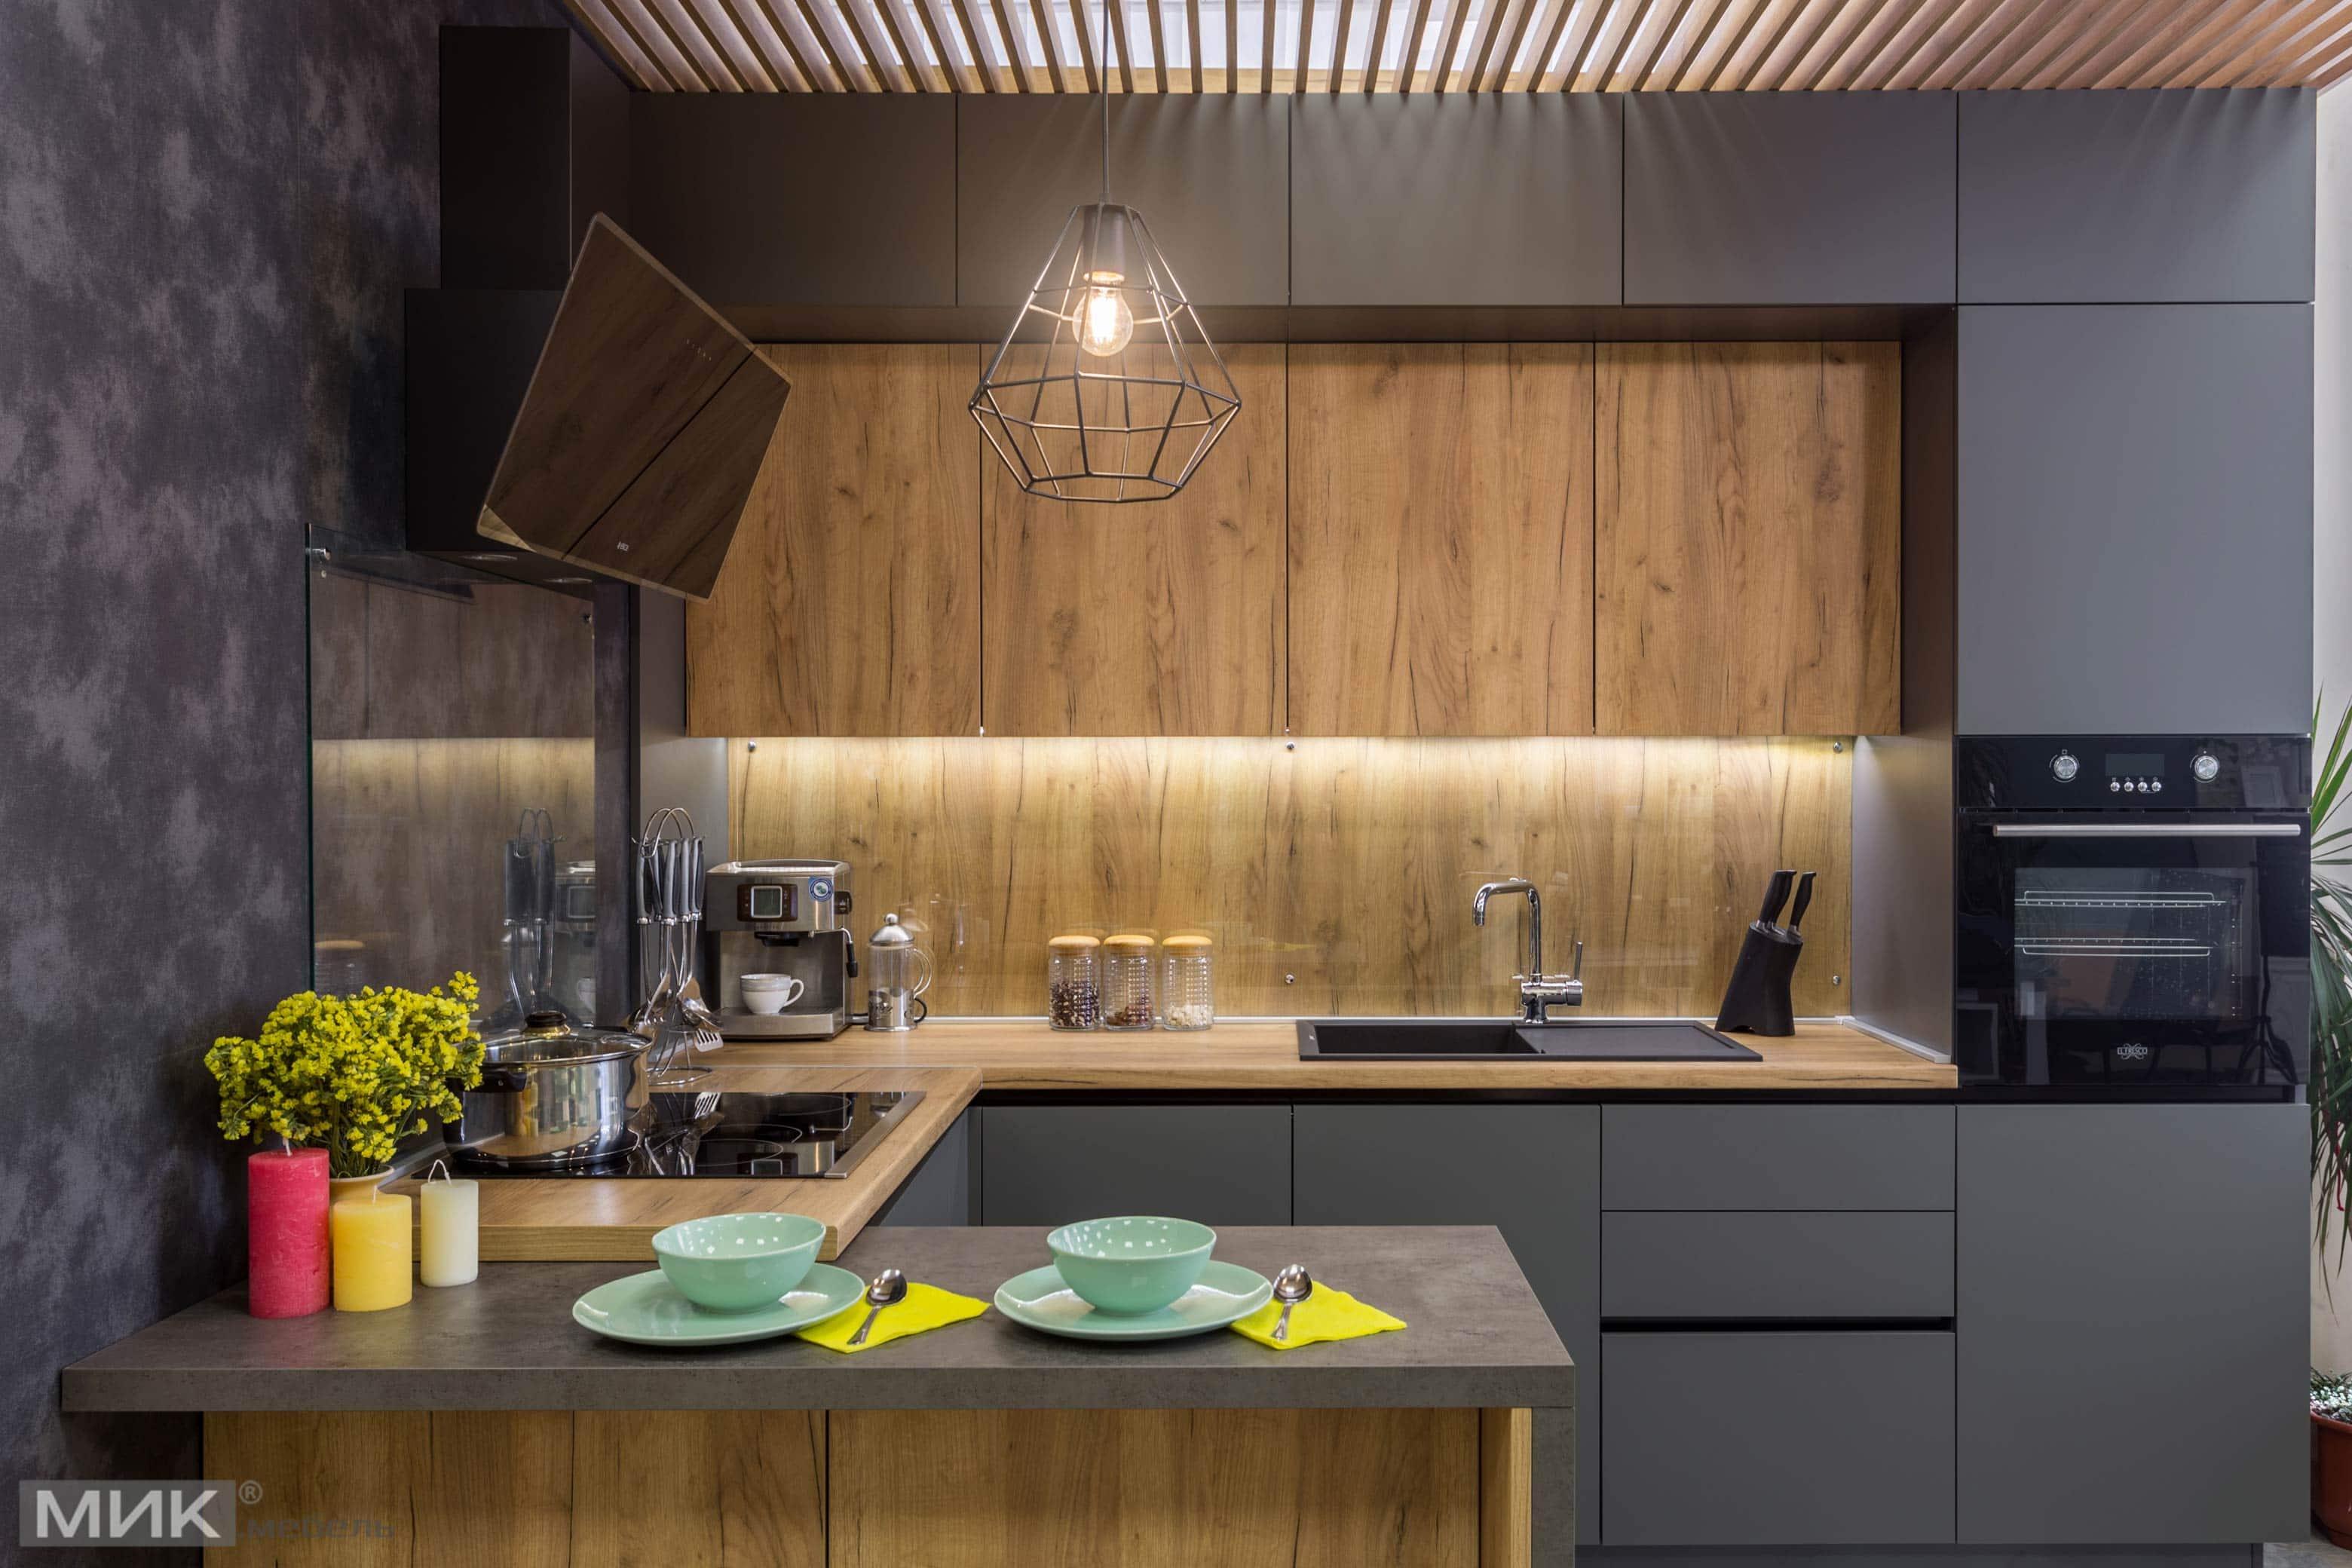 Кухонный гарнитур дизайн 2017